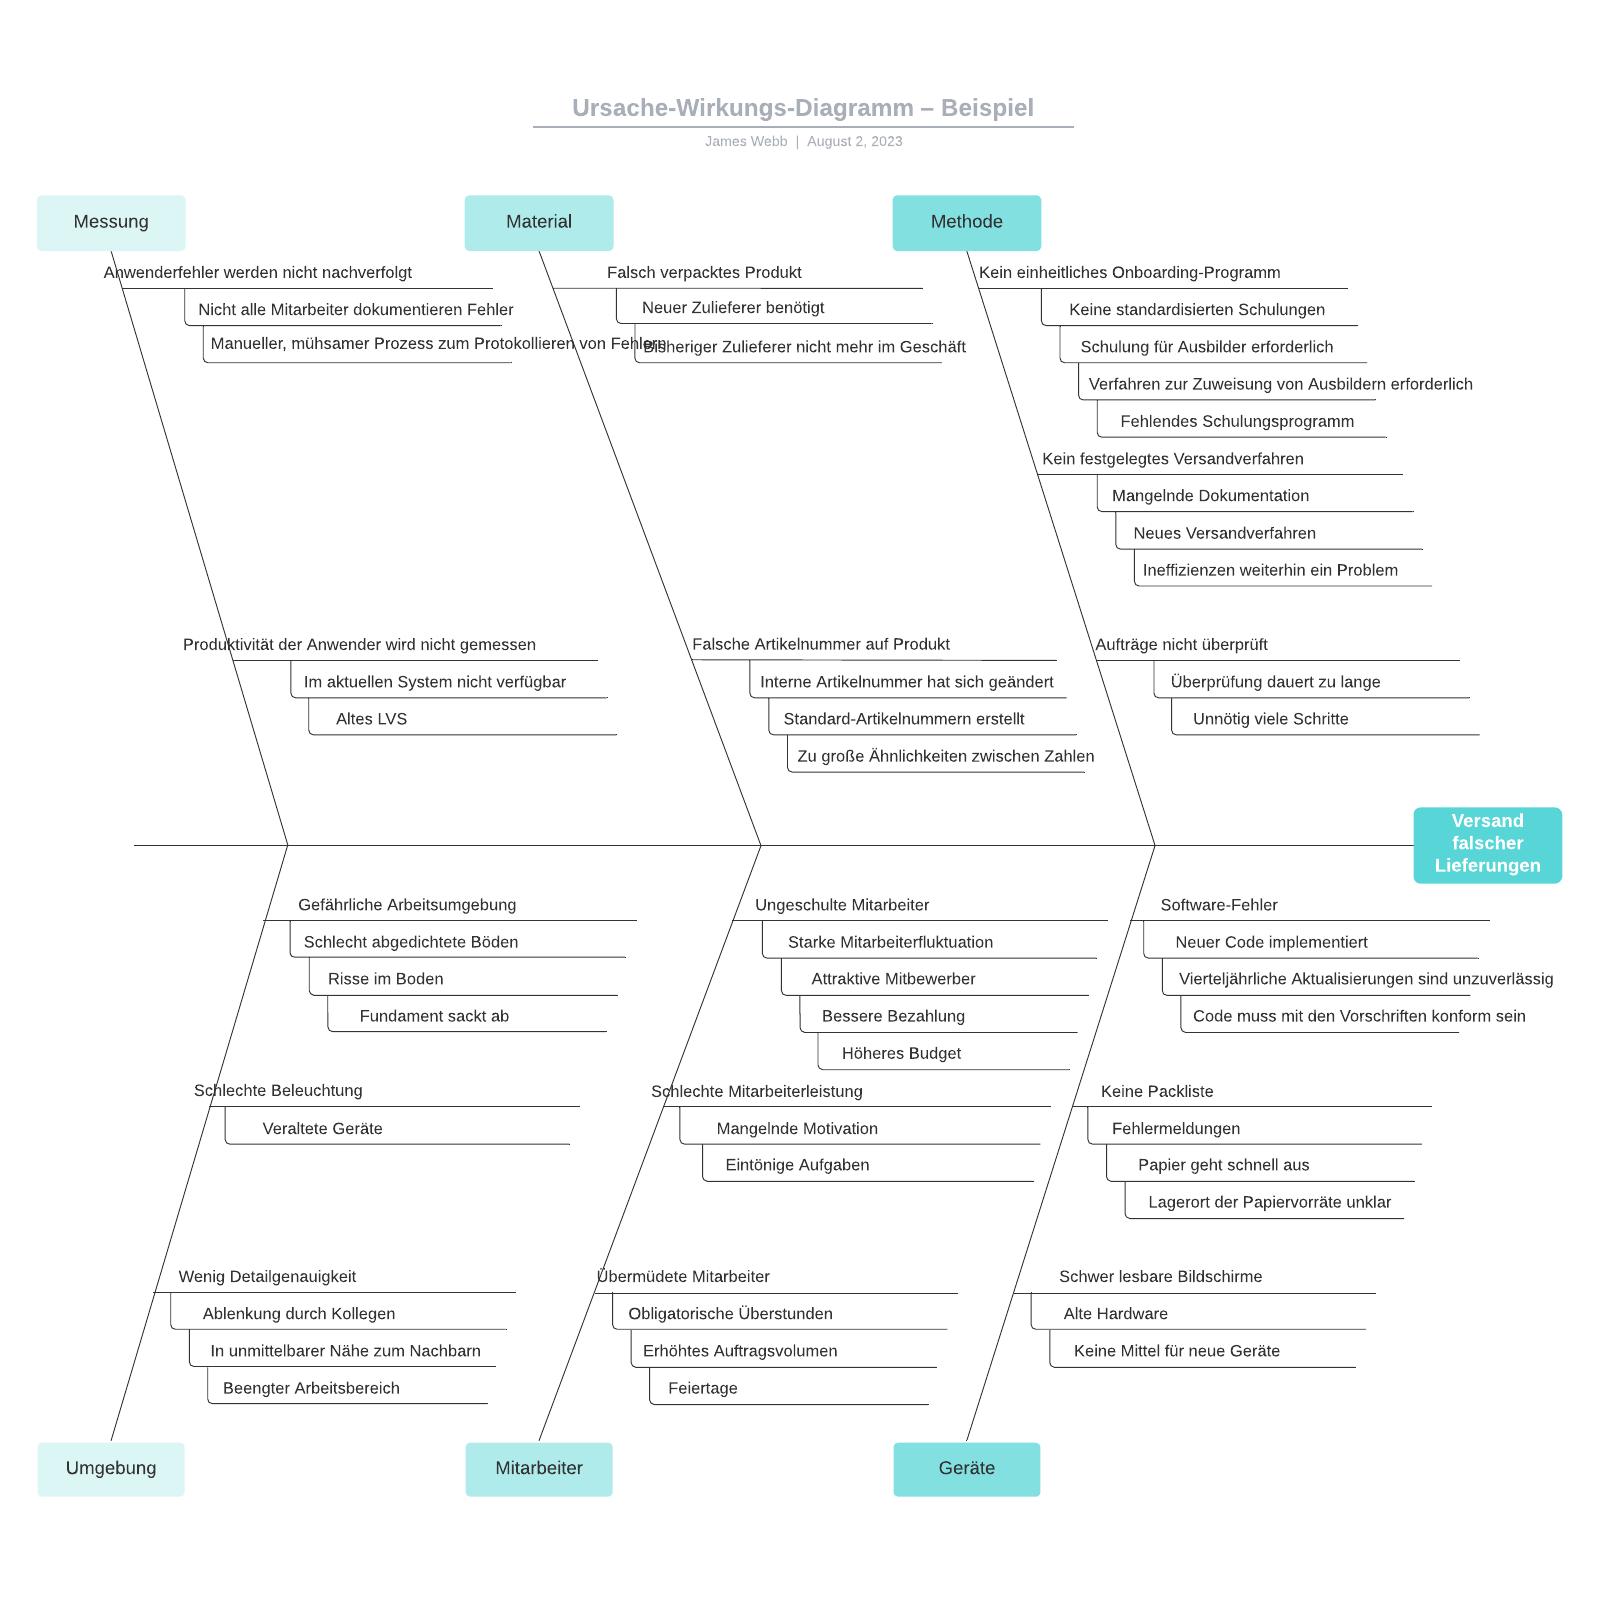 Ursache-Wirkungs-Diagramm – Beispiel